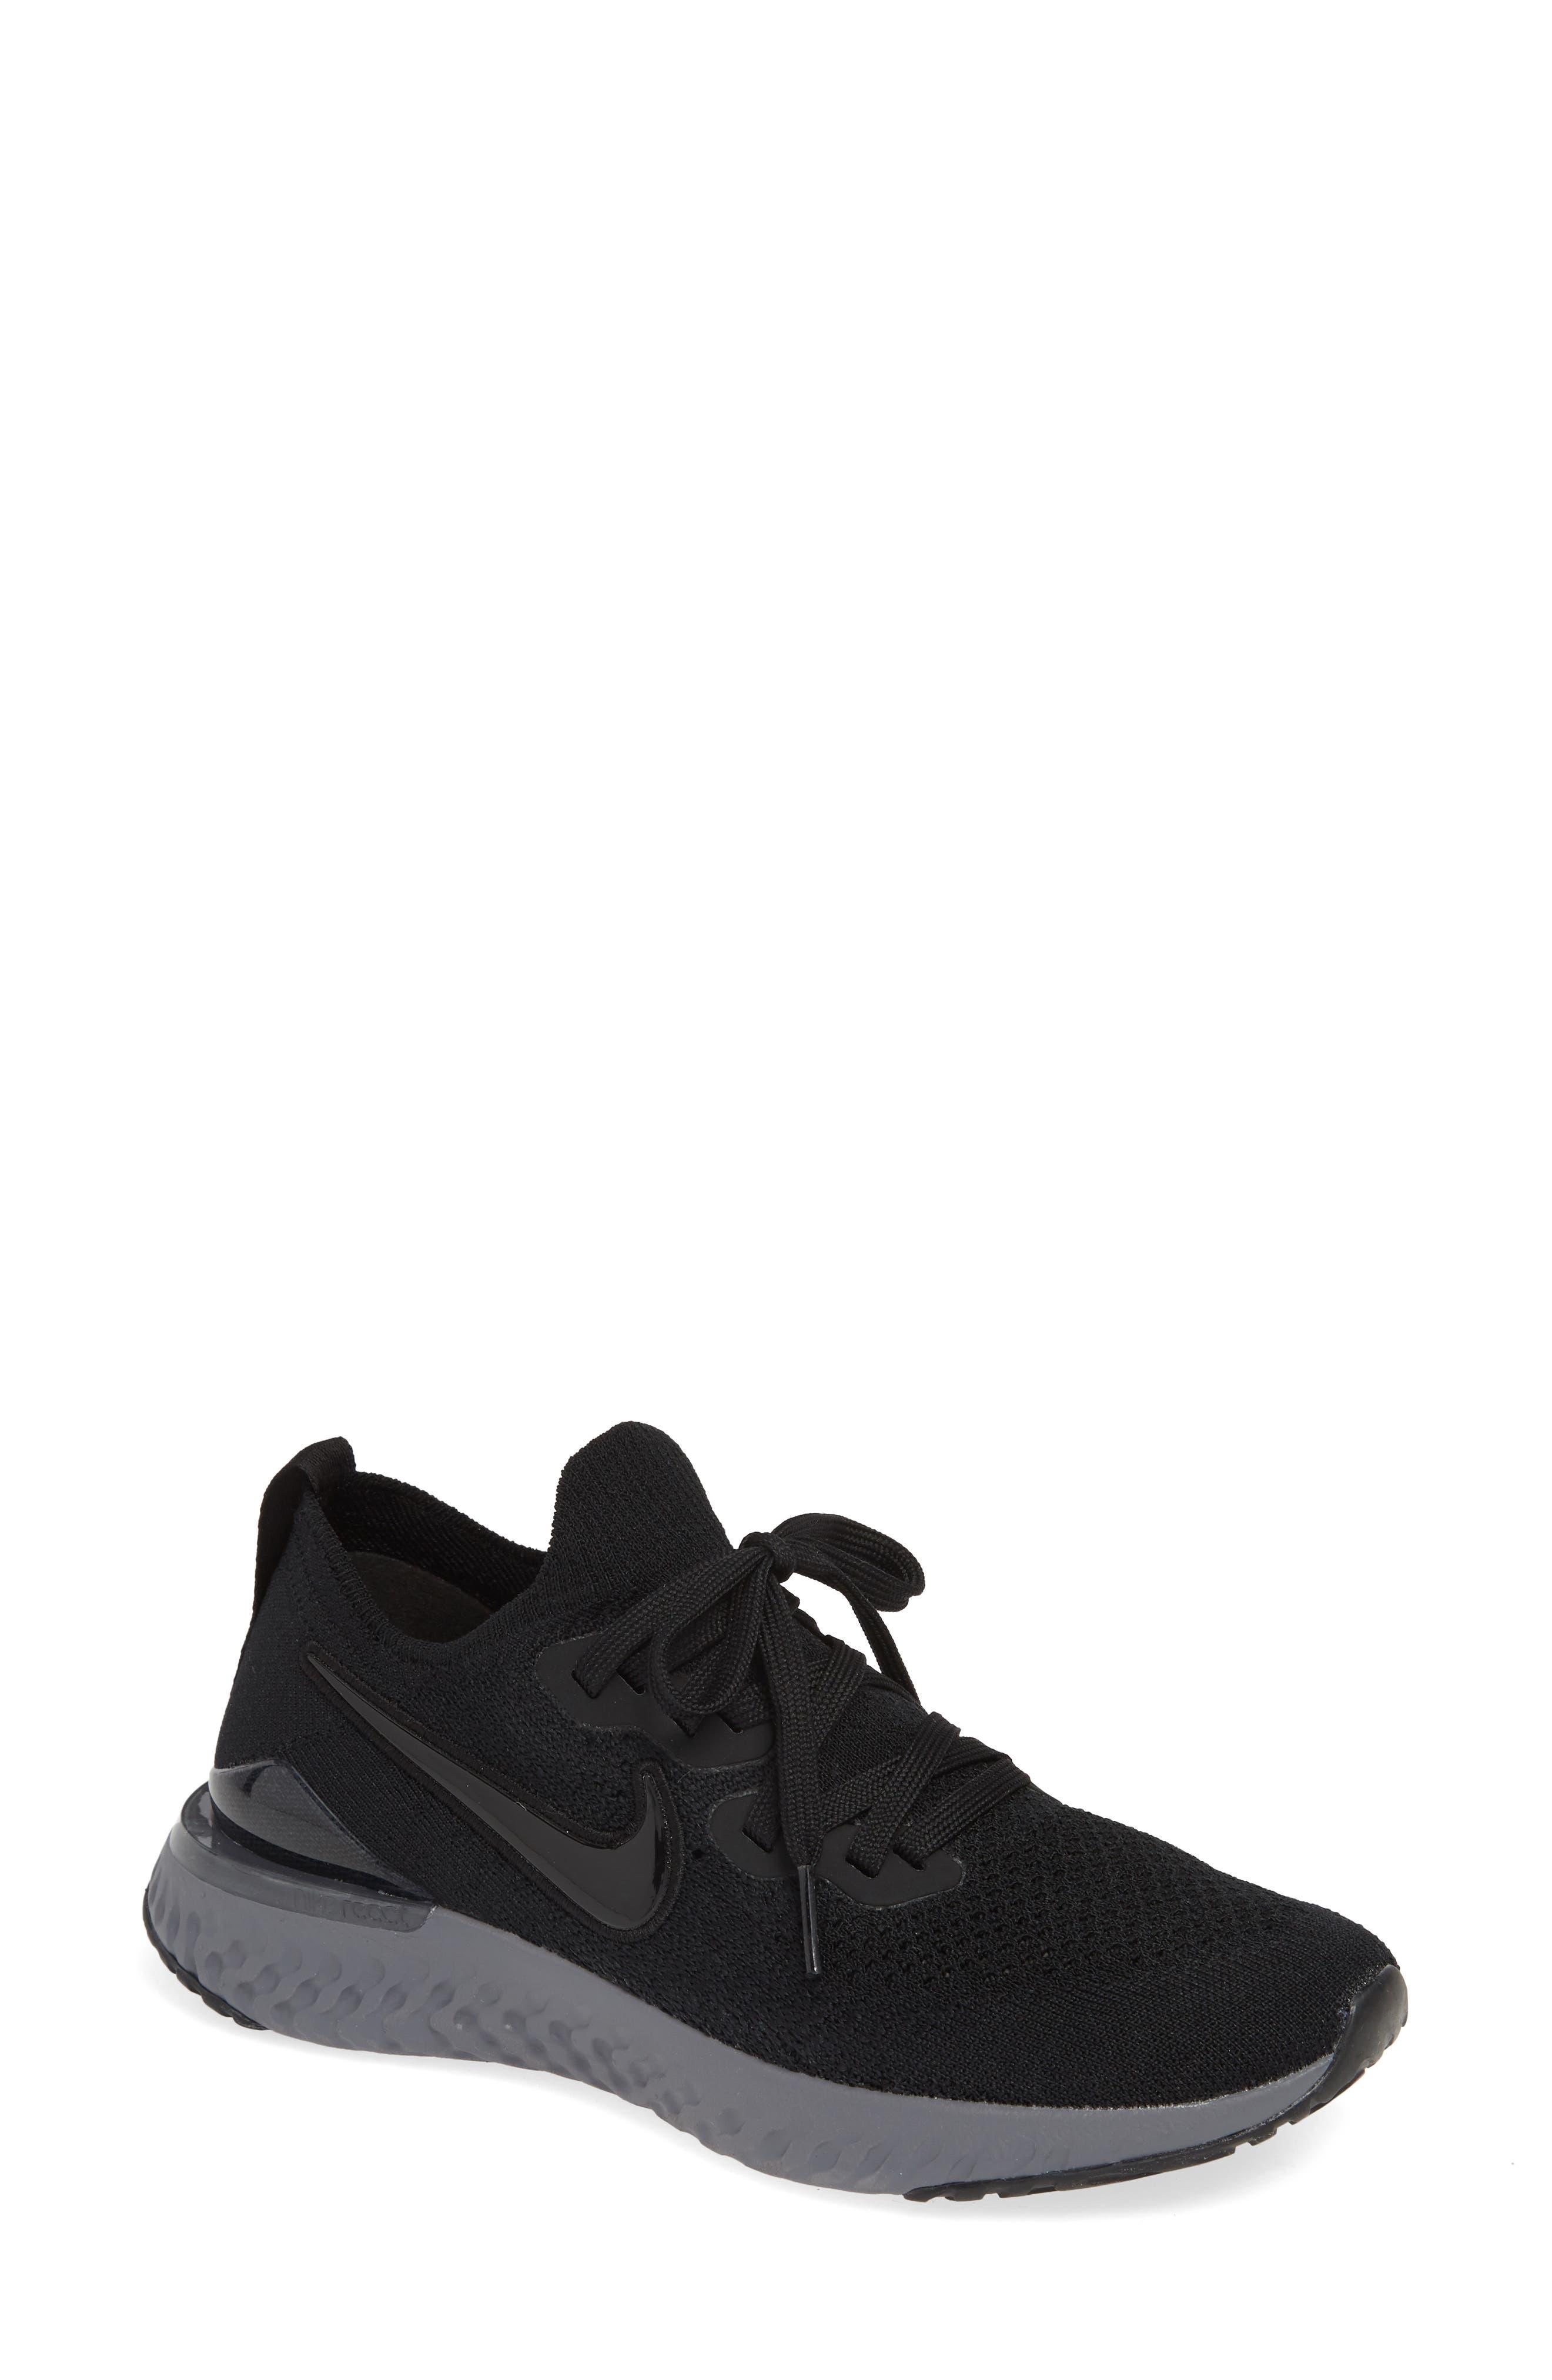 NIKE,                             Epic React Flyknit 2 Running Shoe,                             Main thumbnail 1, color,                             BLACK/ ANTHRACITE/ GUN SMOKE